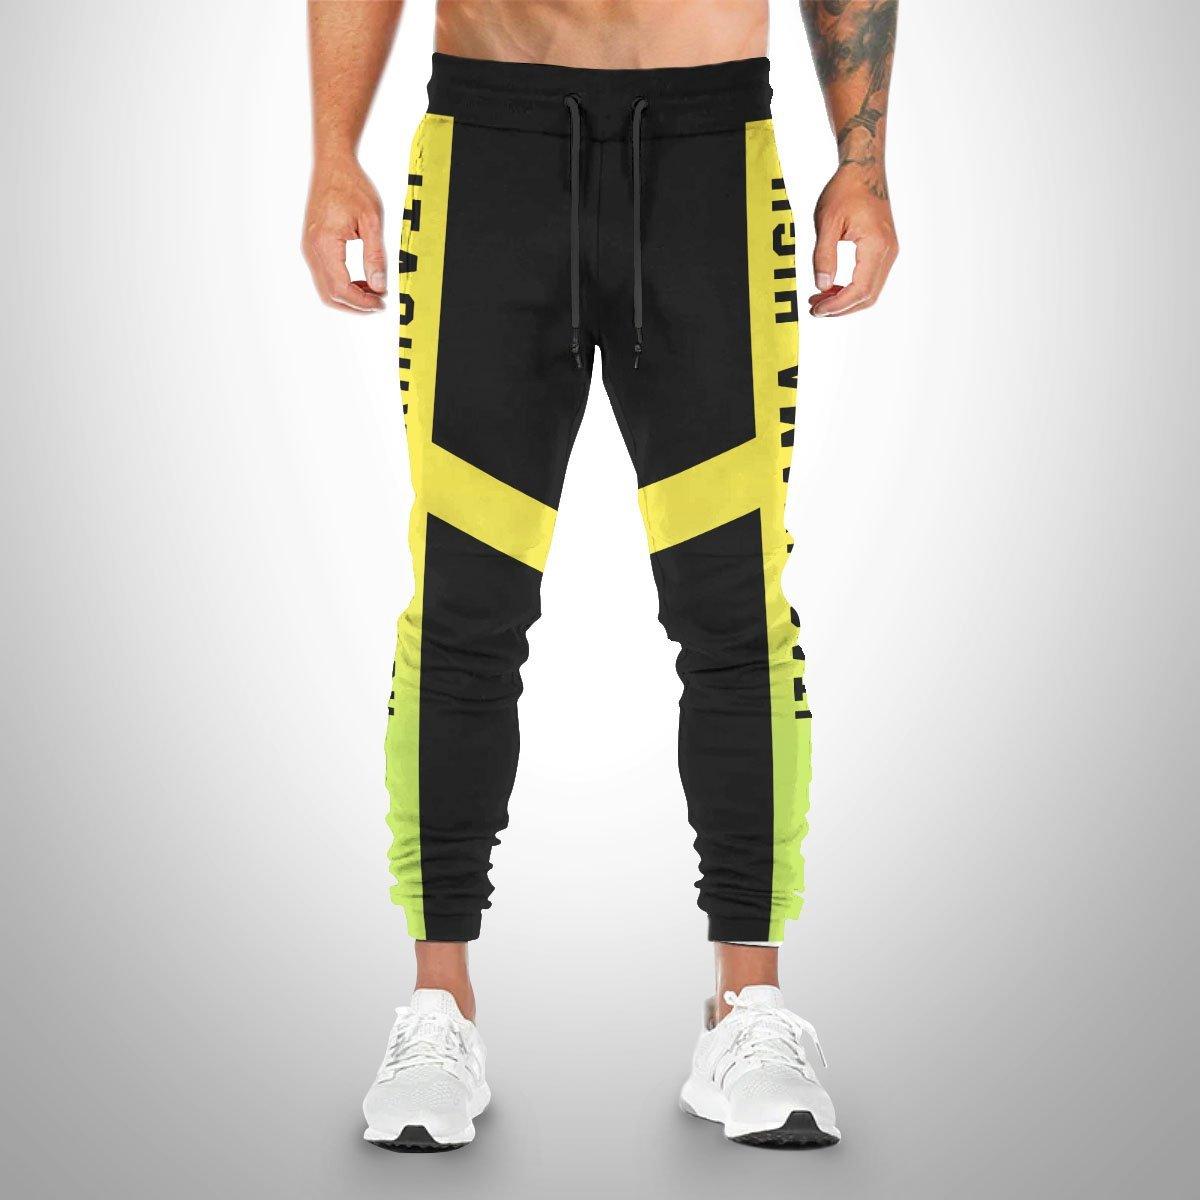 itachiyama libero jogger pants 207204 - Otaku Treat